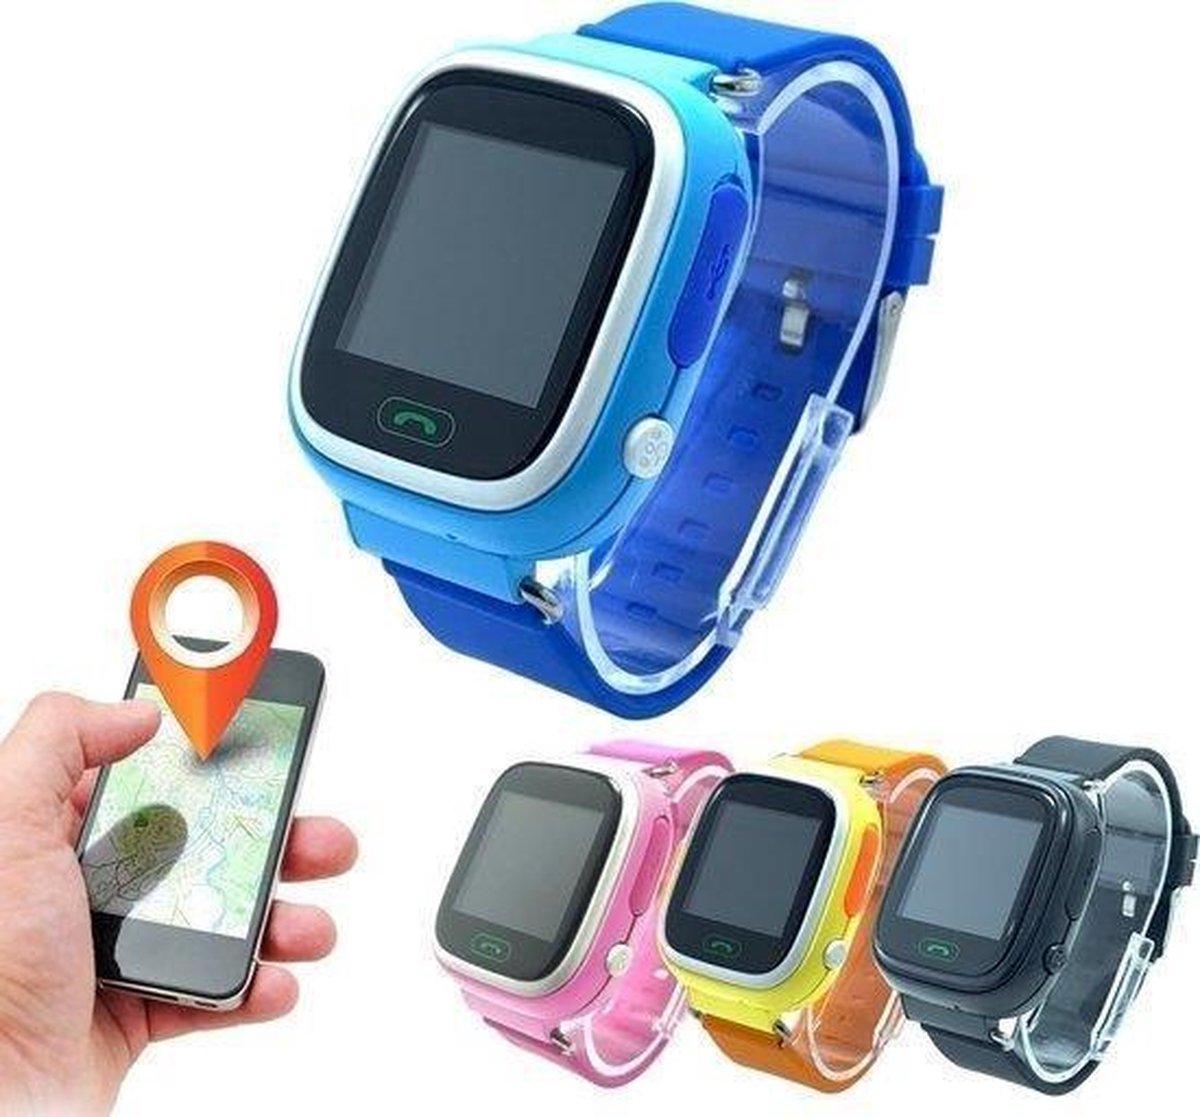 GPS tracker kinderen- Kinder Smartwatch met GPS Bel en SMS functie - gps watch - hoge kwaliteit - model 2020 - black